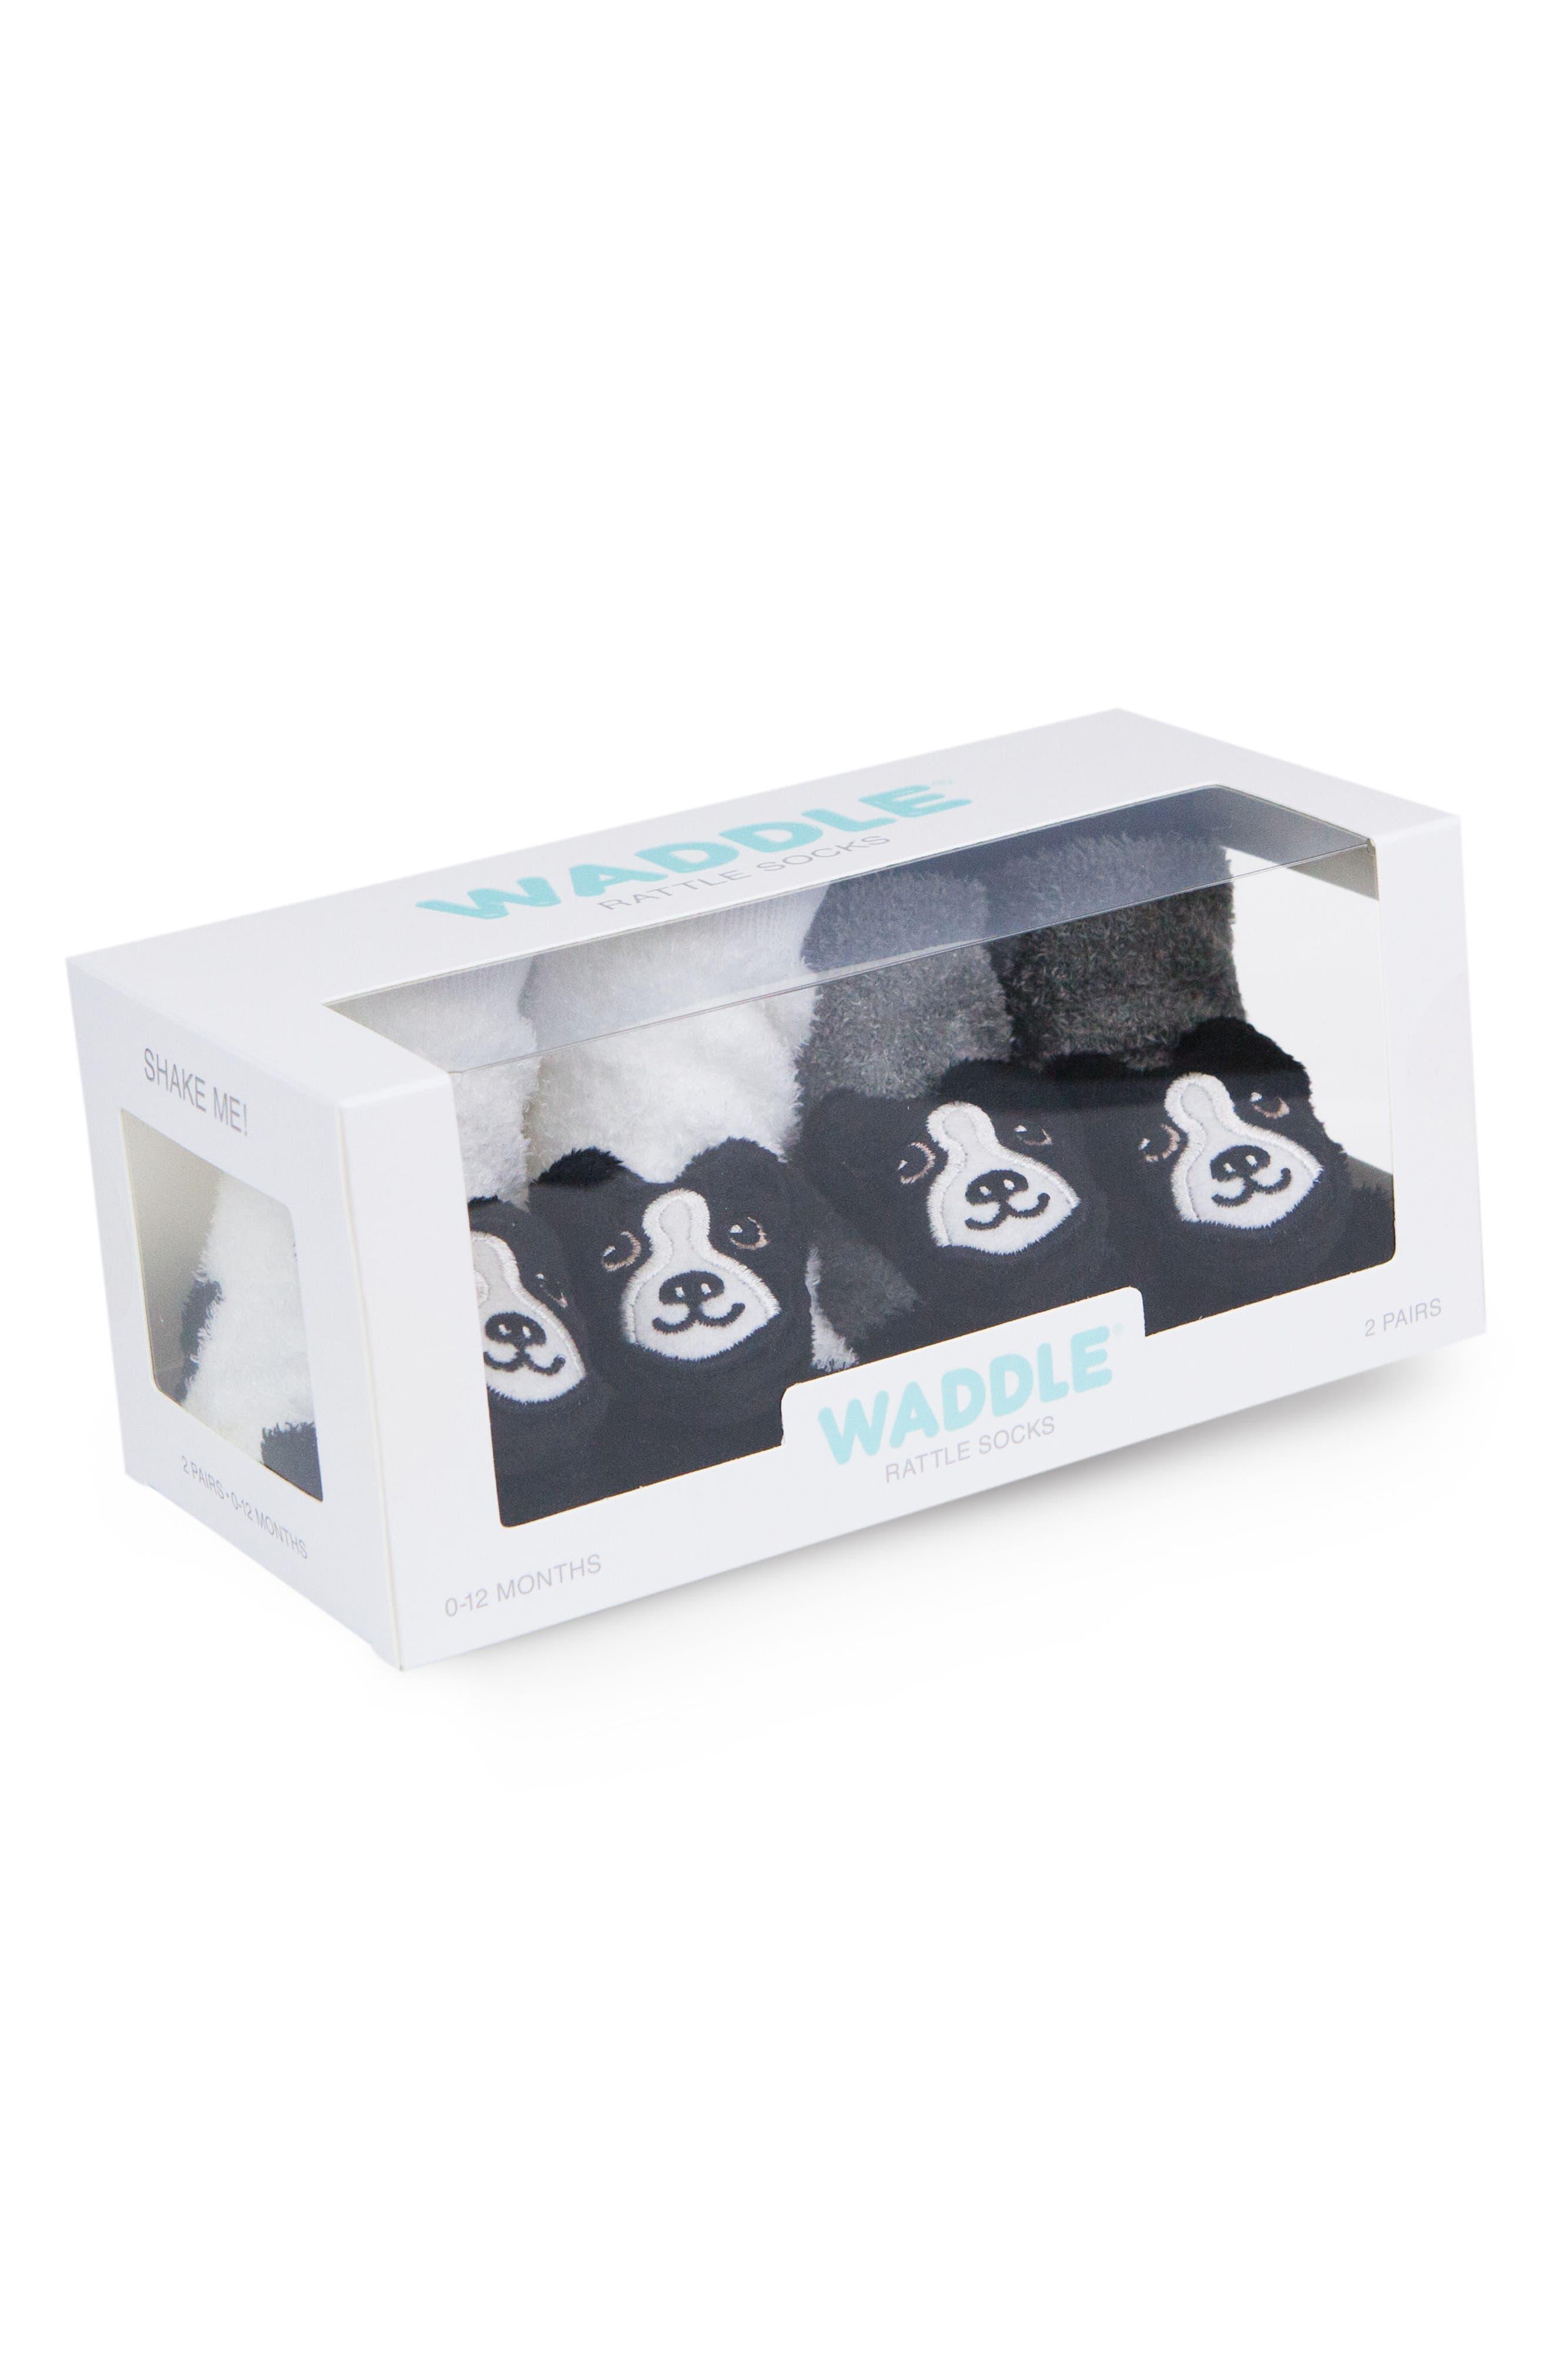 2-Pack Boston Terrier Rattle Socks,                             Alternate thumbnail 3, color,                             BLACK/ WHITE